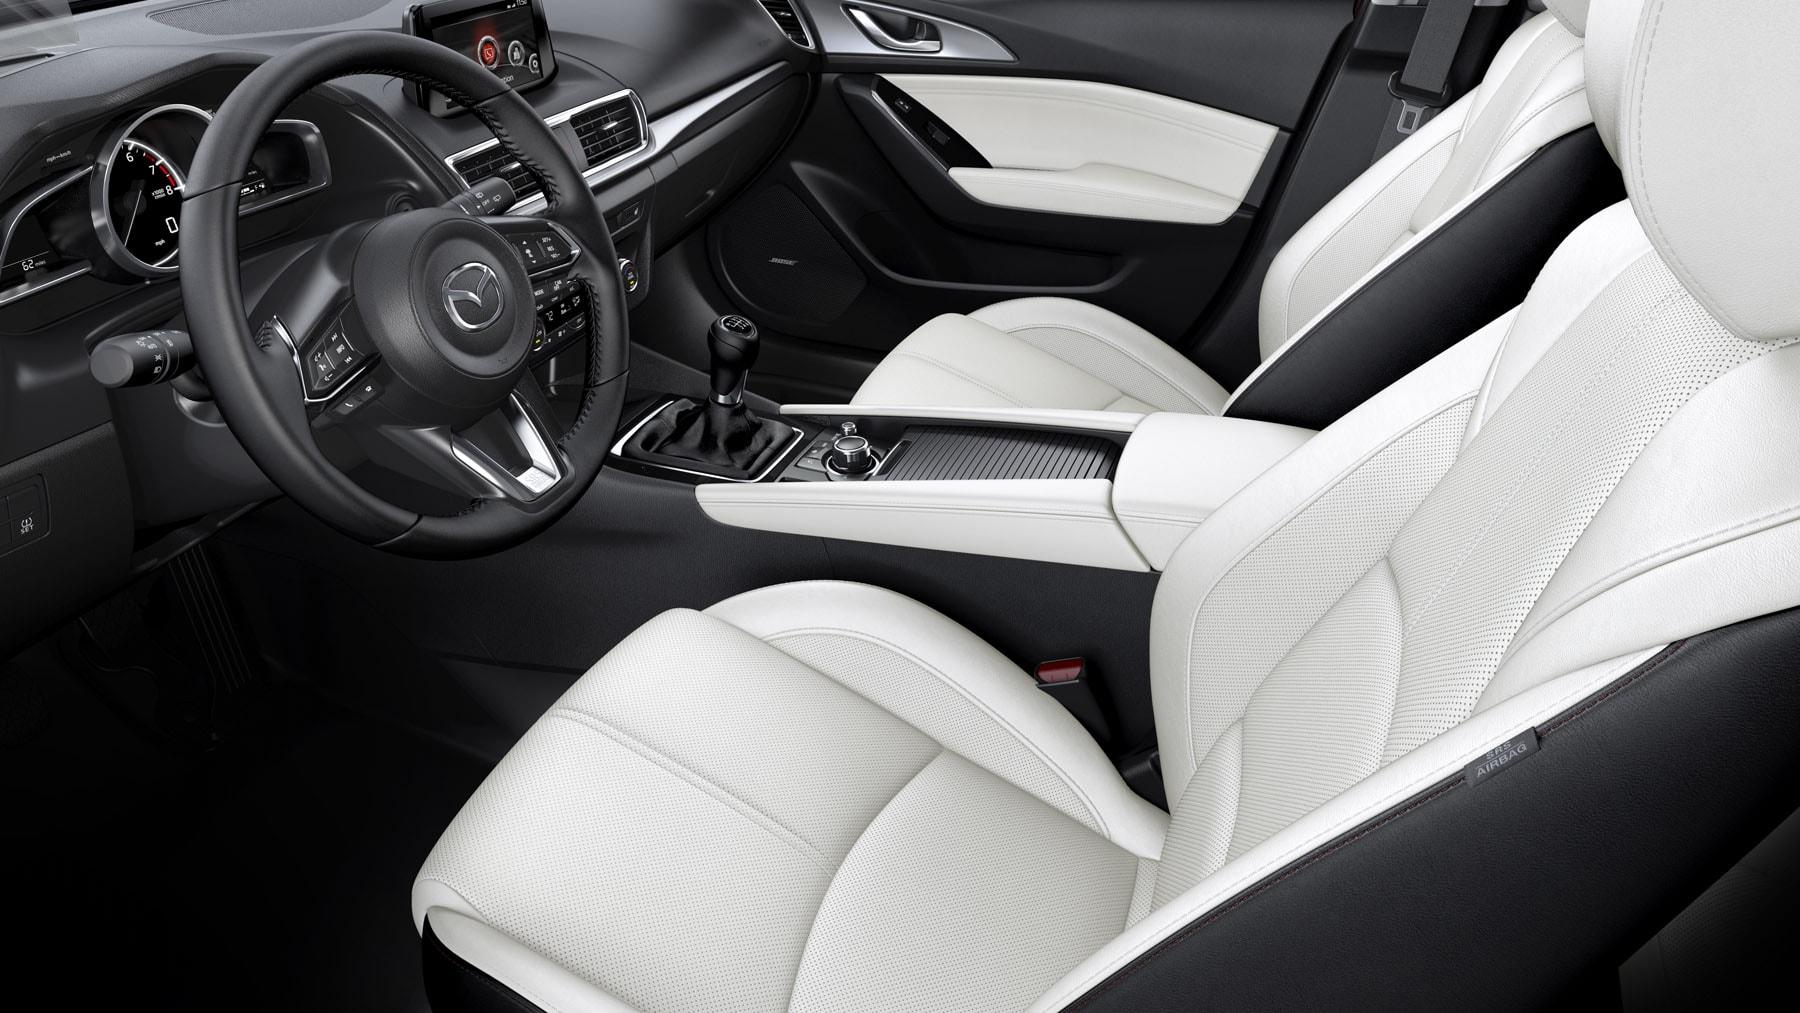 2017 mazda 3 hatchback fuel efficient compact car mazda usa for Mazda 3 2017 hatchback interior